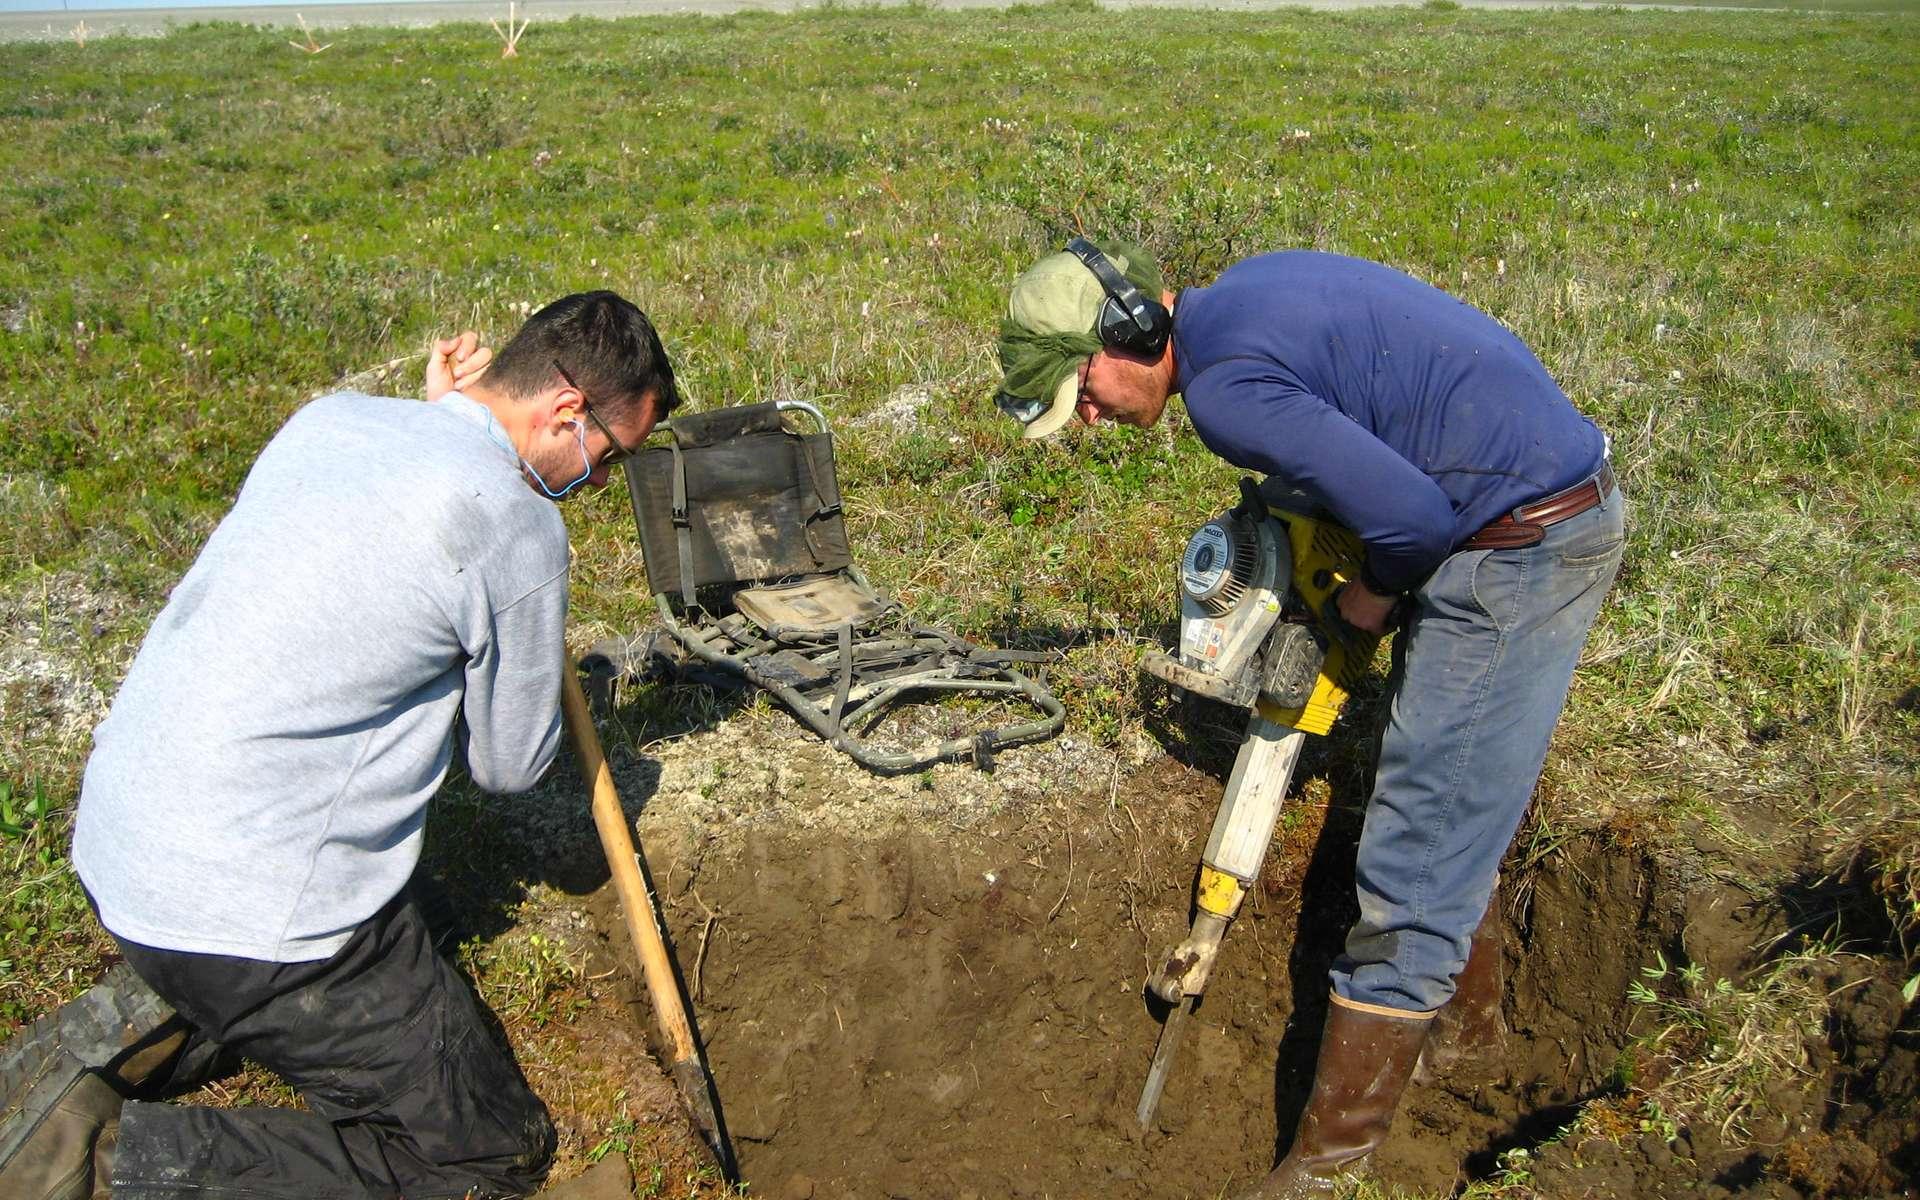 L'augmentation de la fonte des glaces génère des thermokarsts, des zones où le pergélisol est dégradé. Le pergélisol est un sous-sol gelé en permanence. À l'image, les chercheurs creusent au marteau-piqueur pour étudier le pergélisol d'Alaska. © Nick Bonzey, Flickr, cc by sa 2.0